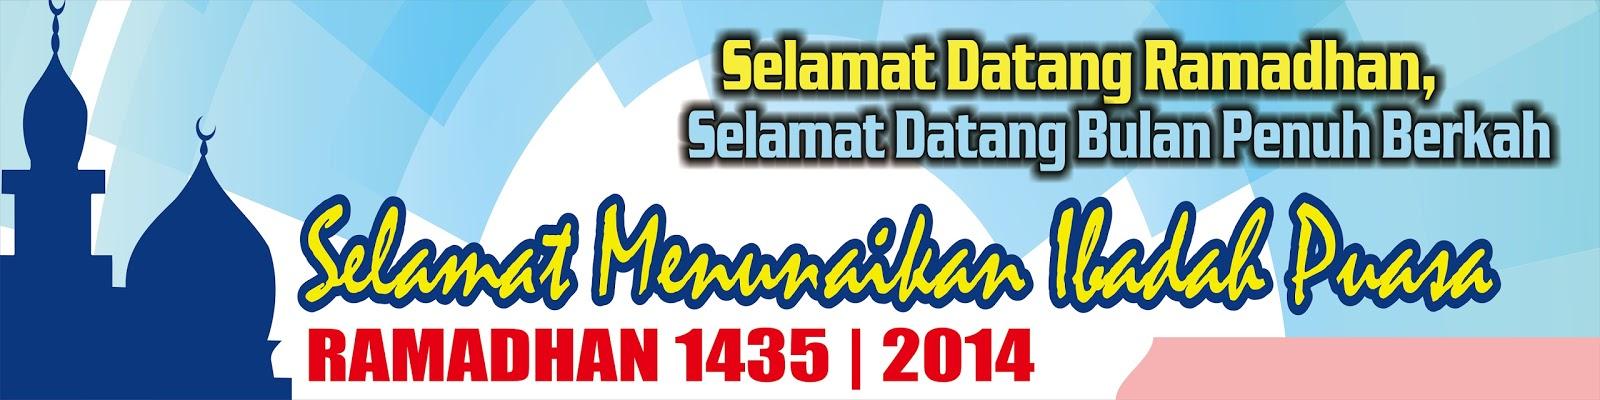 Contoh Desain Spanduk Ramadhan Keren Format Cdr Ucorel